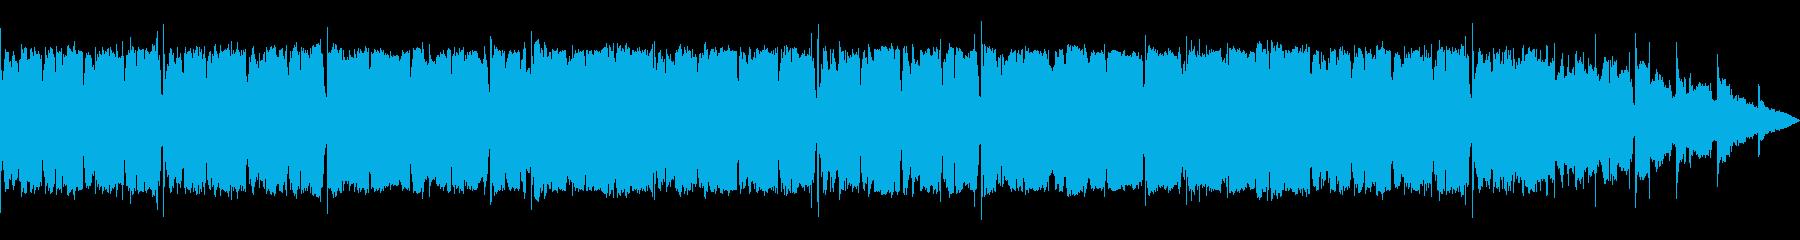 にぎやかな活気があるケルト風音楽の再生済みの波形